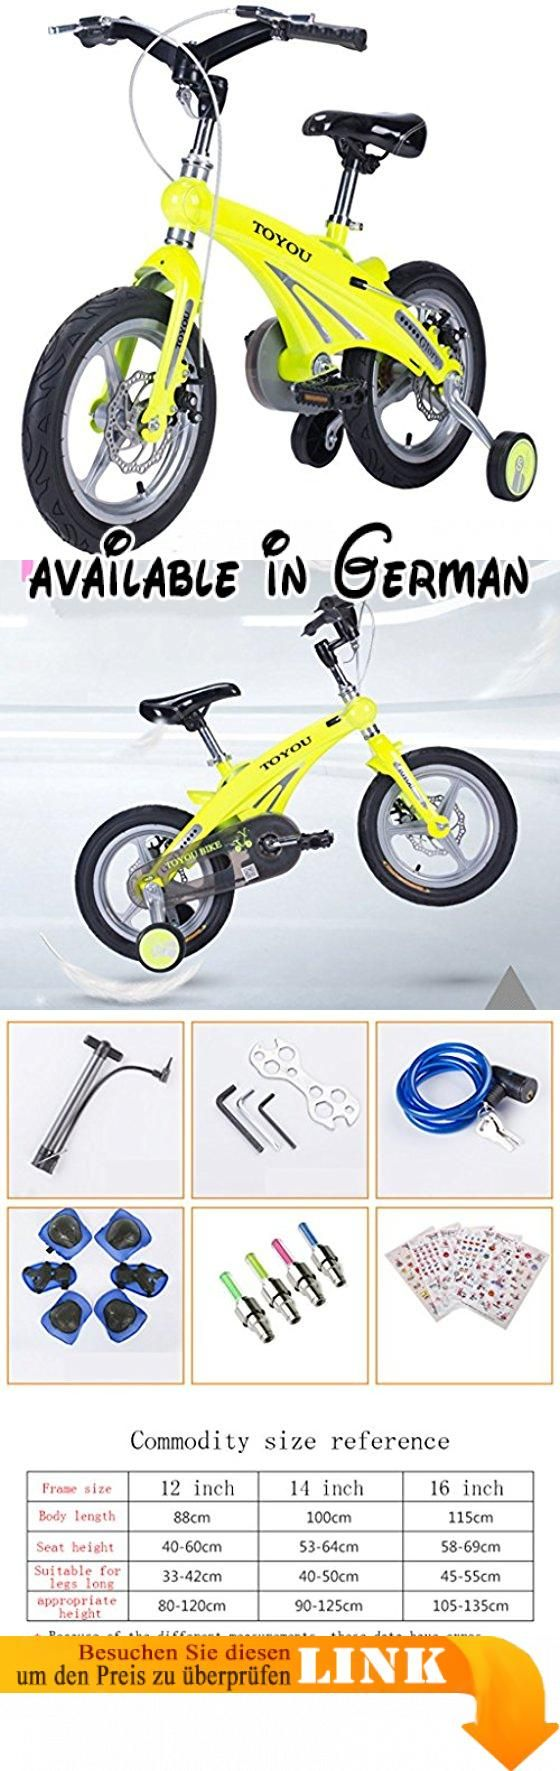 Platz für kinder, jungen und mädchen kinderfahrrad  jahre alt junge mädchen baby baby wagen fahrrad